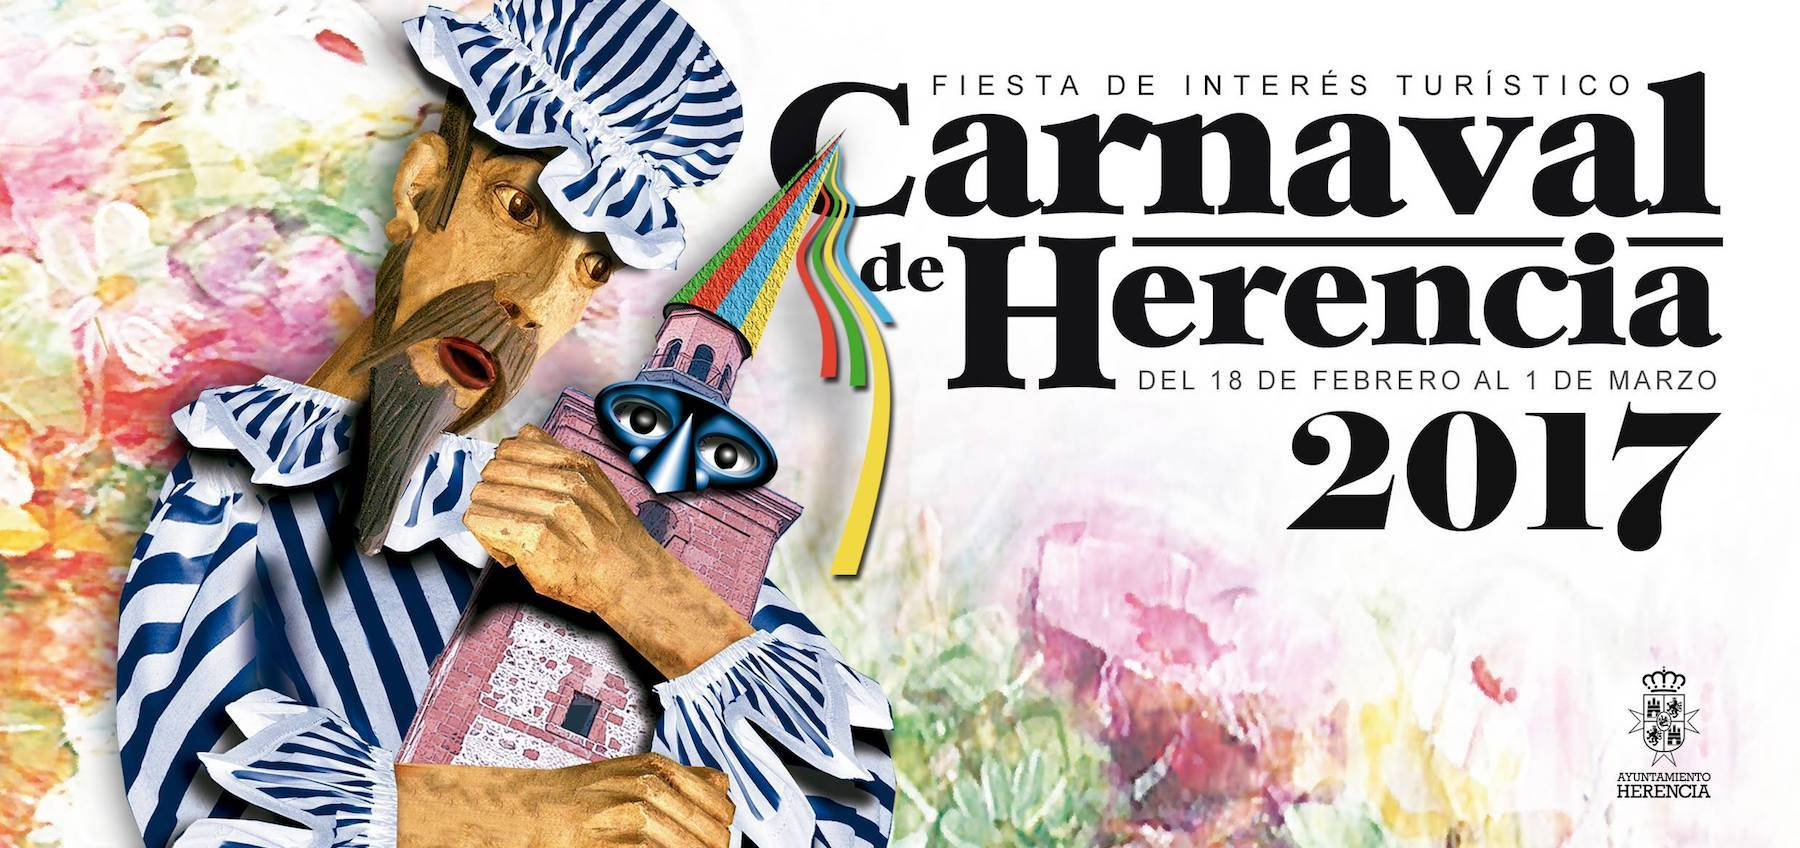 carnaval de herencia 2017 cover fb - Saluda del Alcalde al Carnaval de Herencia 2017